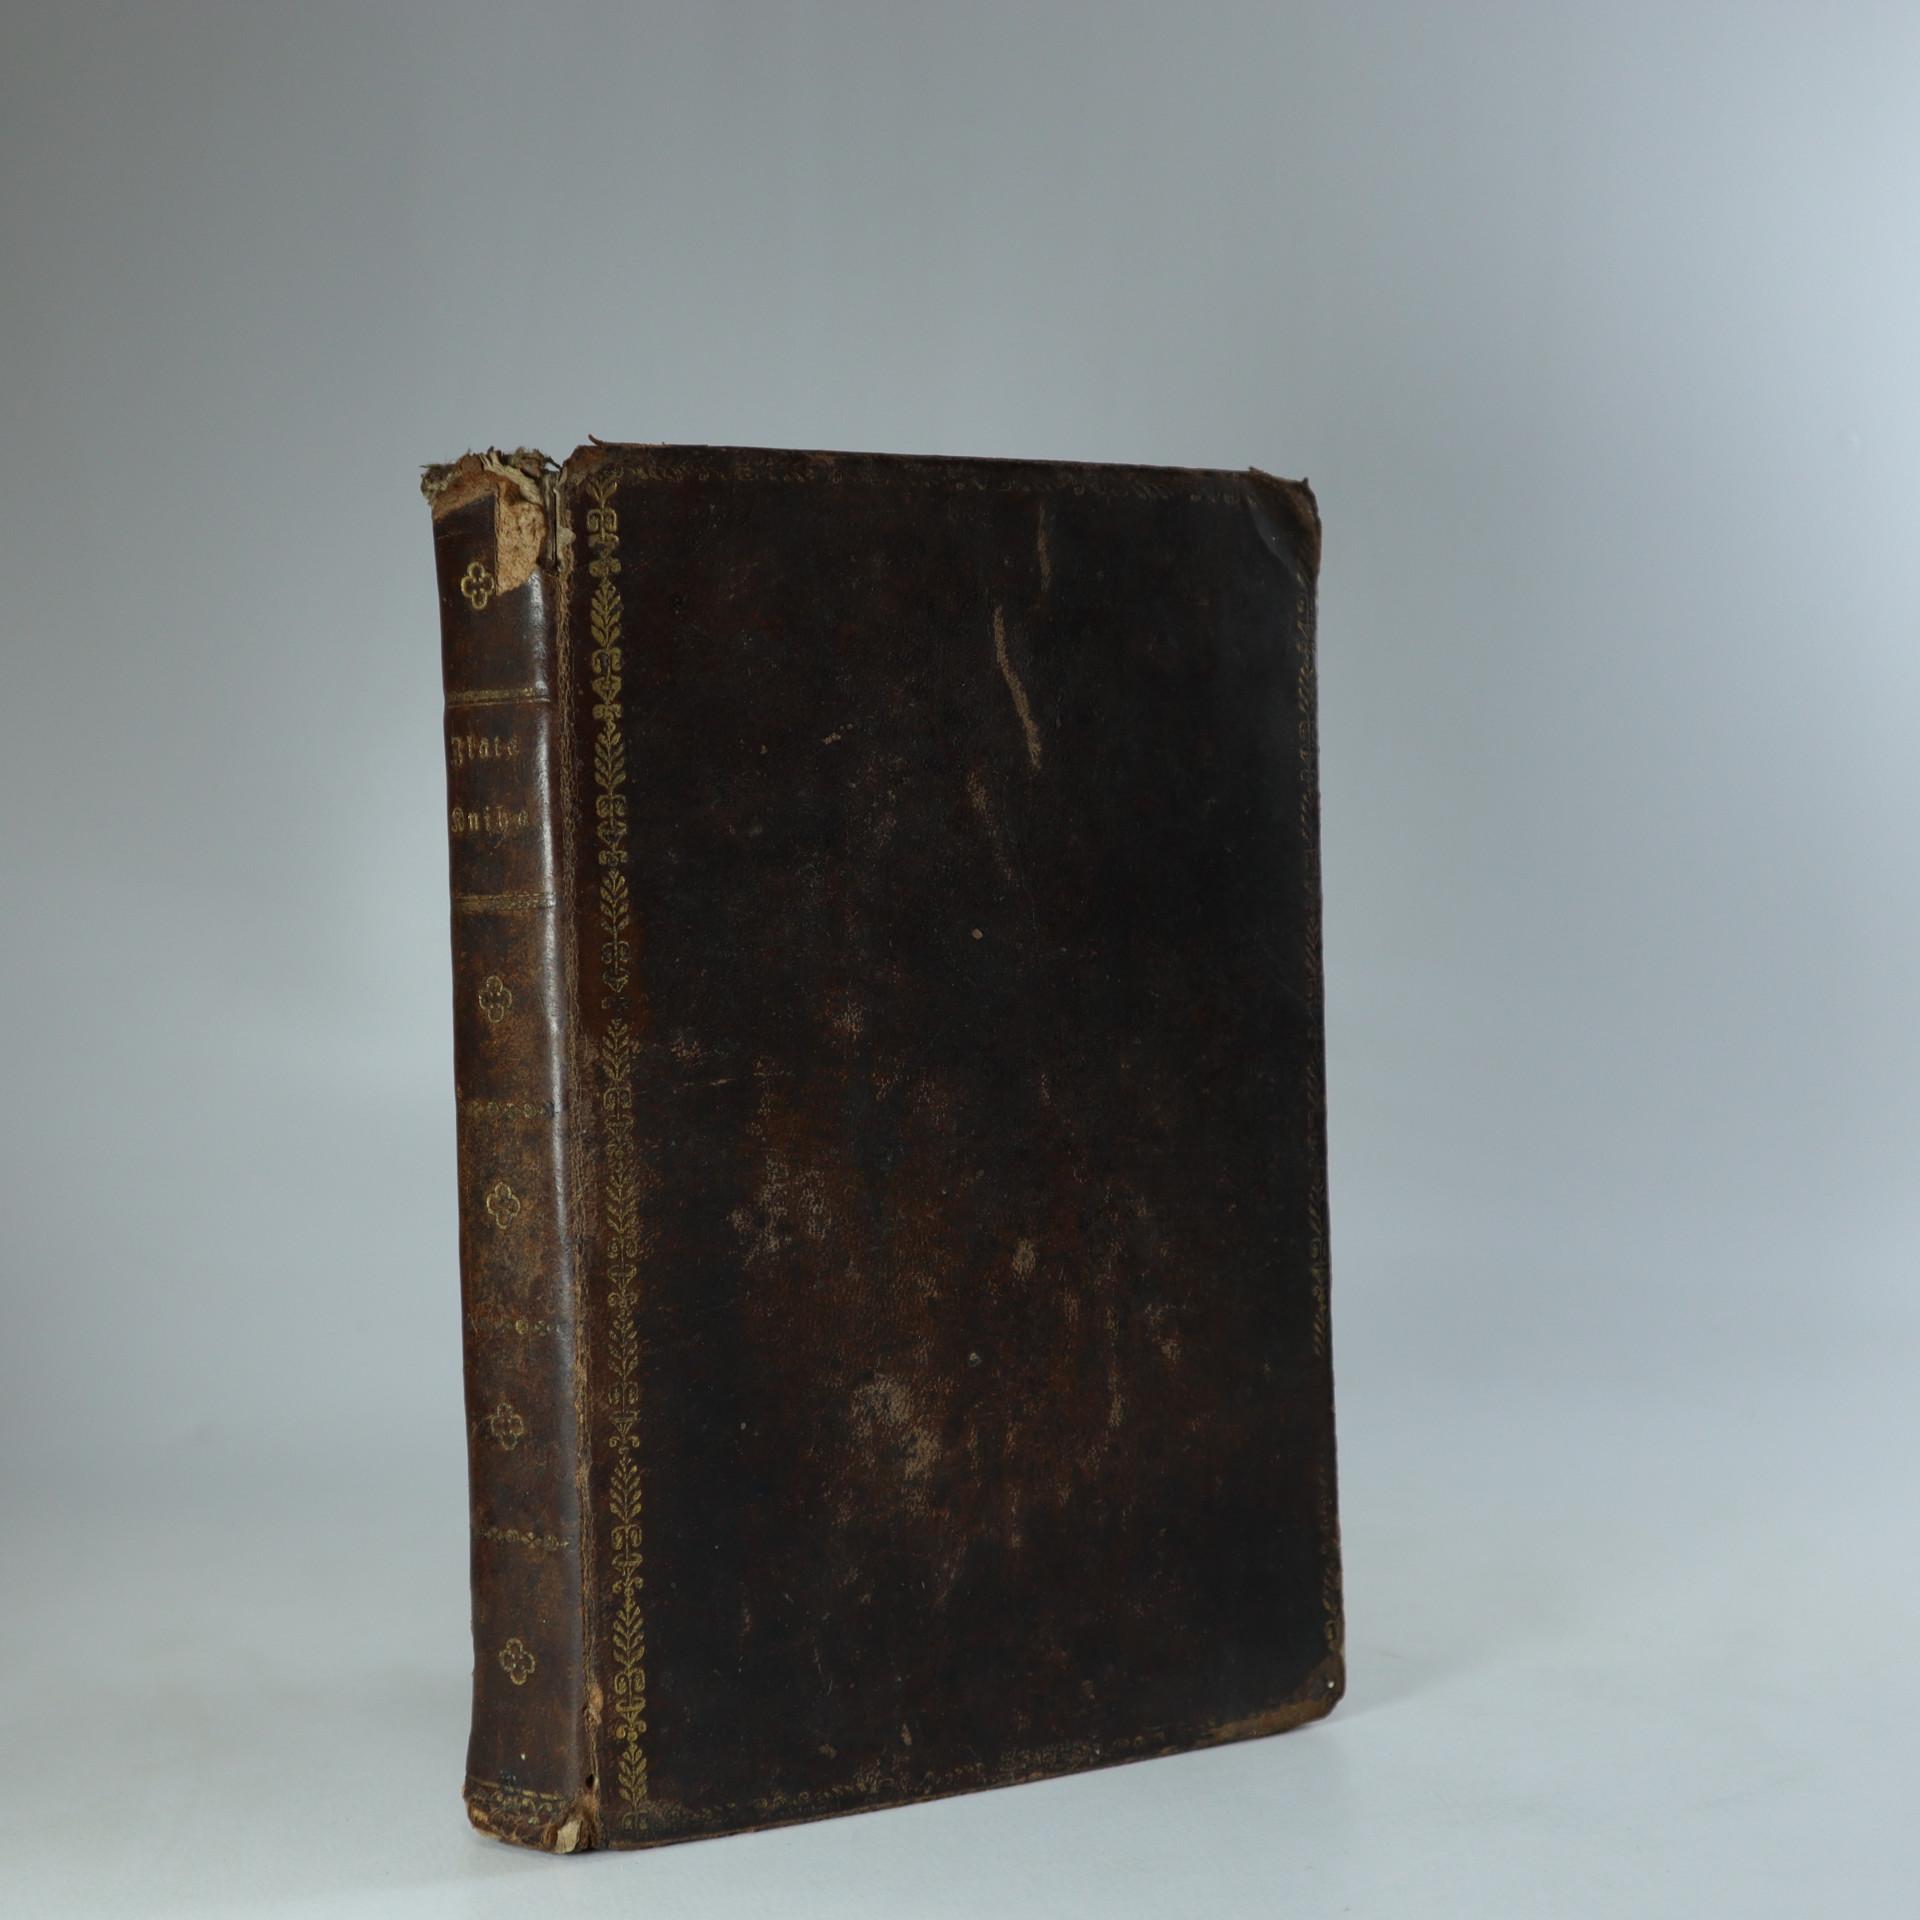 antikvární kniha Zlatá kniha o Následowánj Krysta, 1828